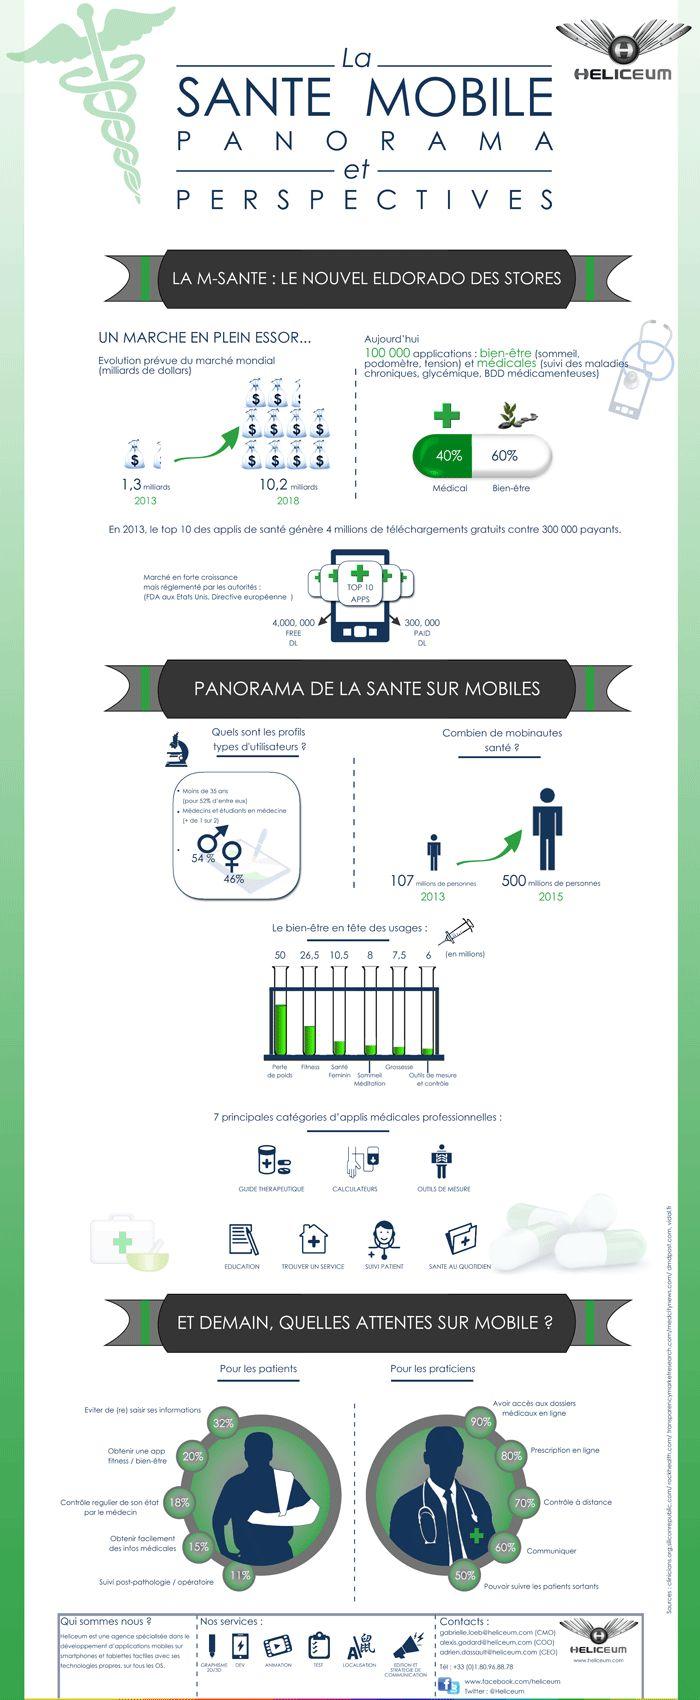 Apps M-Santé : Les applications mobiles du secteur de la santé | Marketing web mobile 2.0